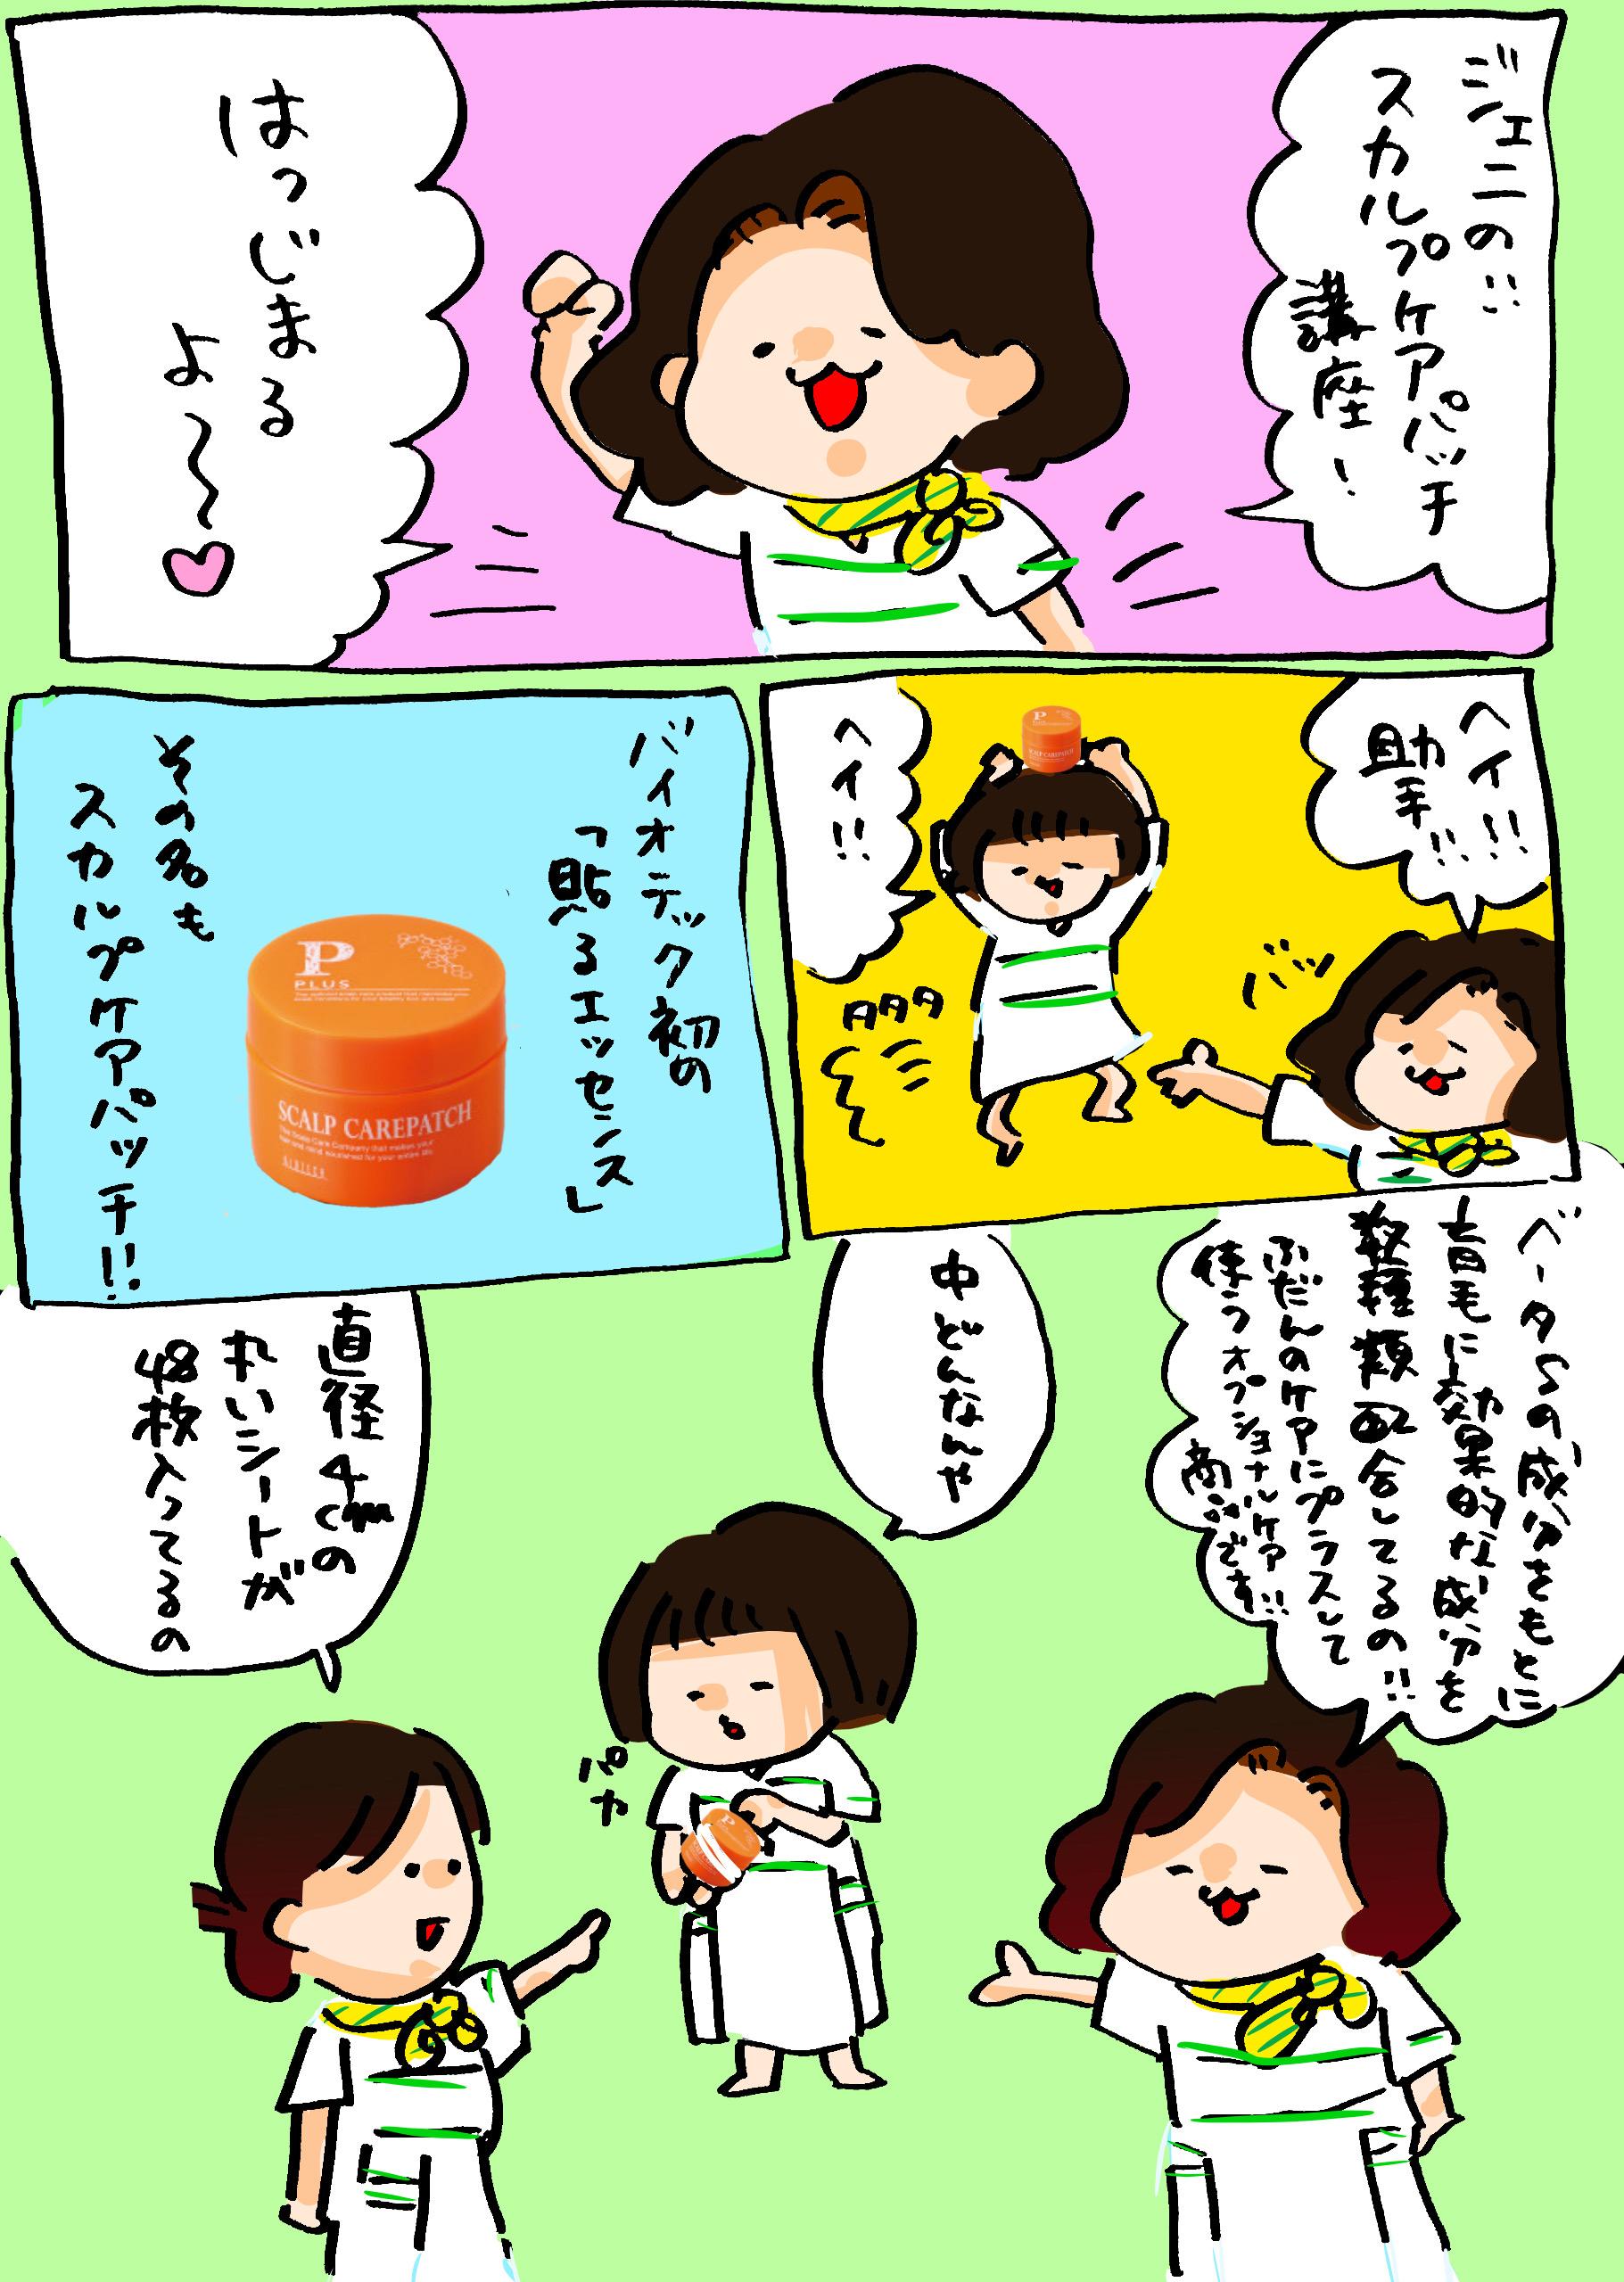 新☆BIO漫画 番外編 スカルプケアパッチのお話